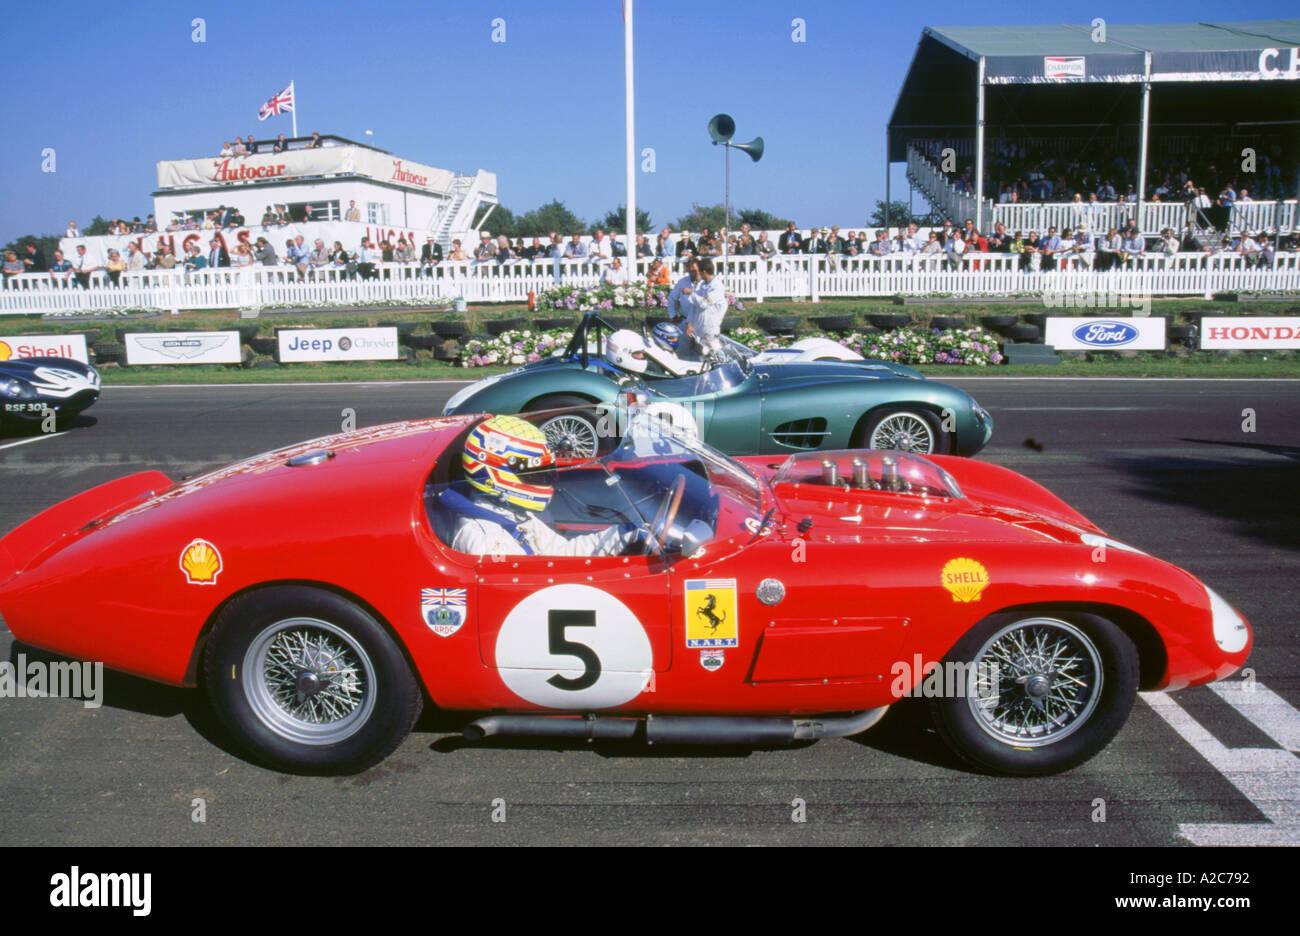 Ferrari am Start Raster 1998 beim Goodwood revival Stockbild